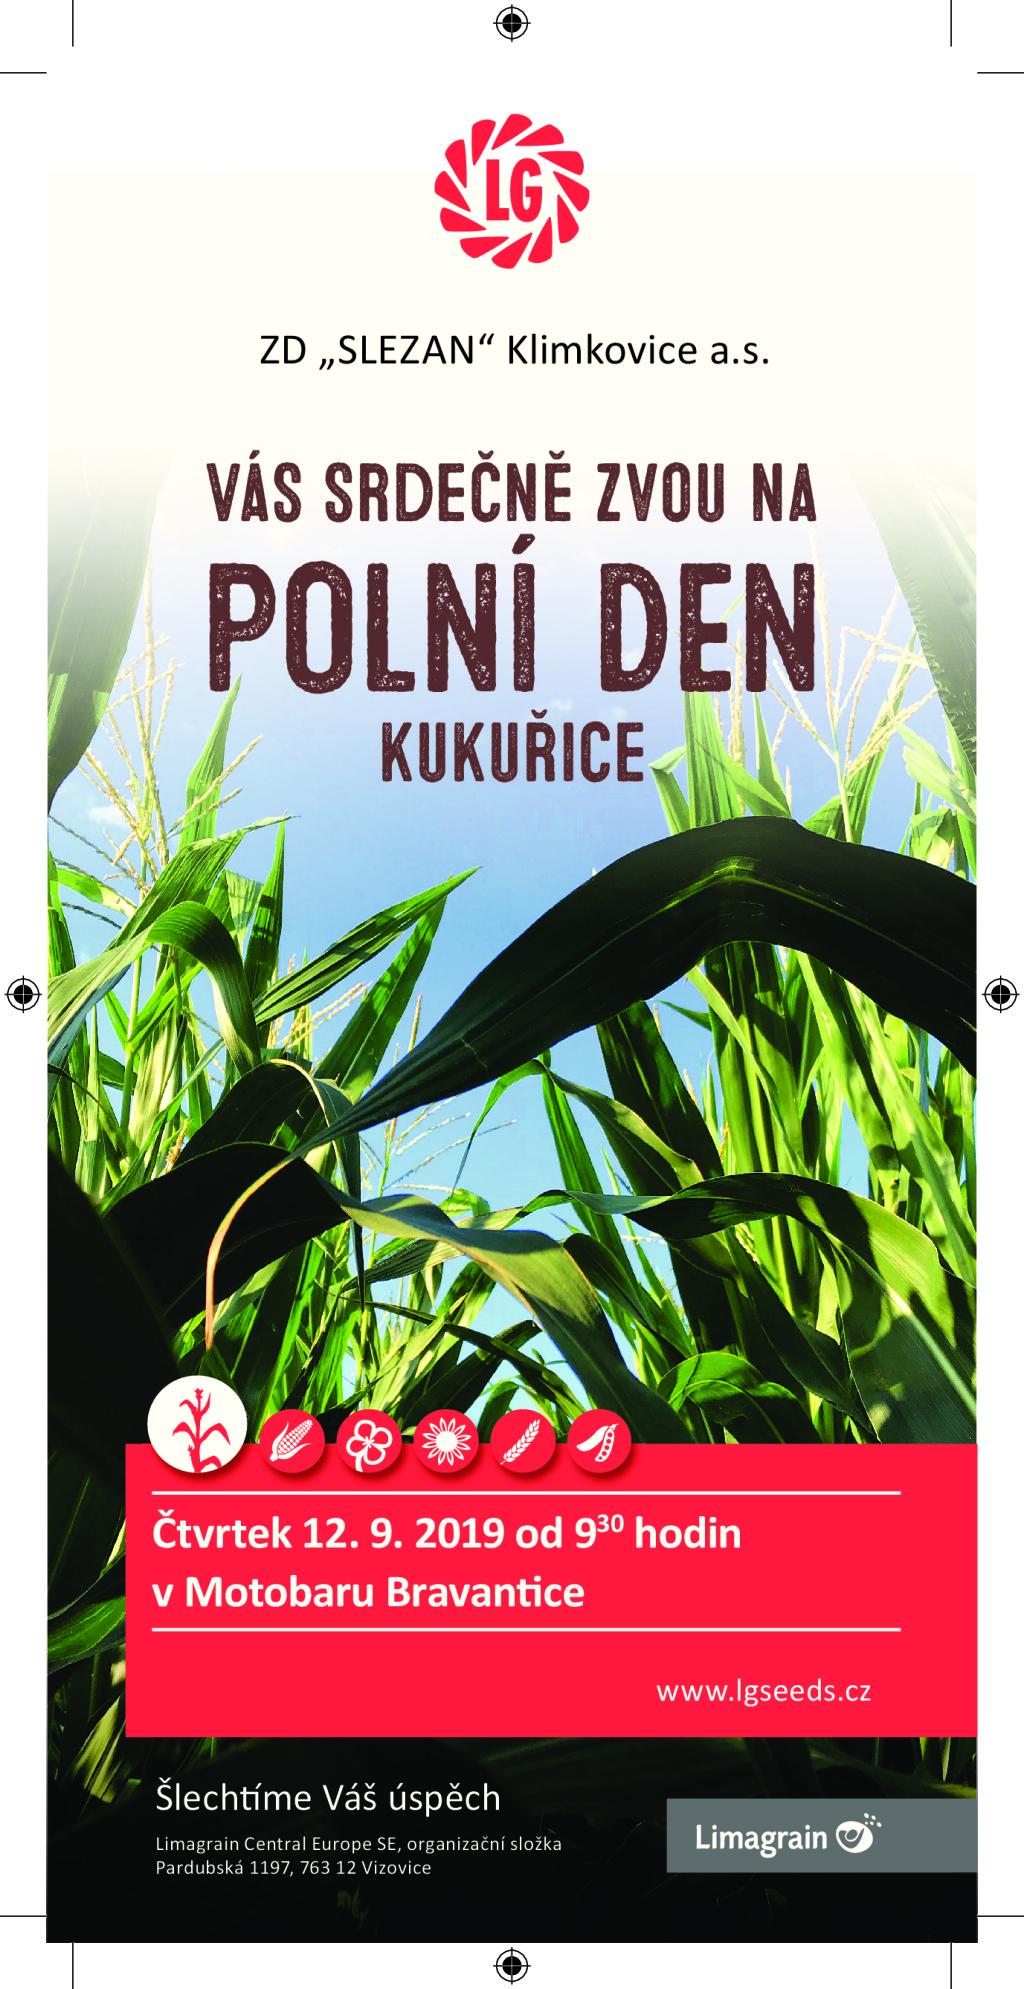 2019 CZ Polní den Klimkovice1209_DL